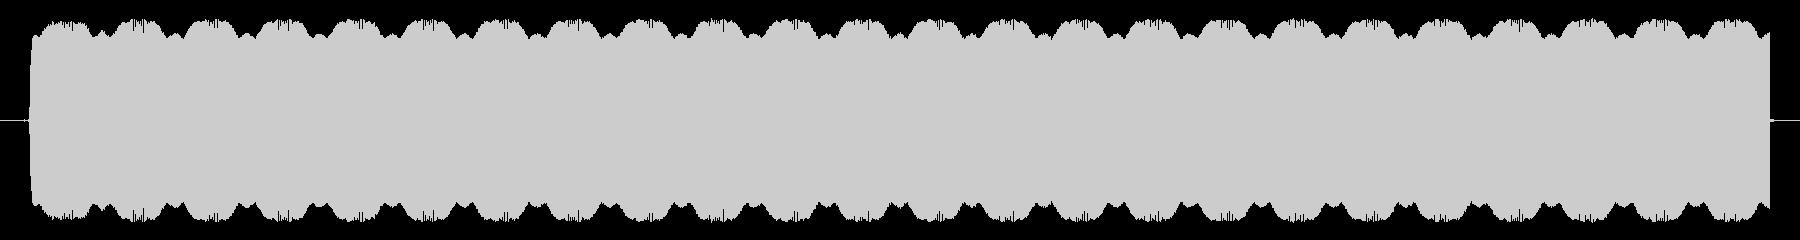 ほにゃららSE(ピー音代用)の未再生の波形